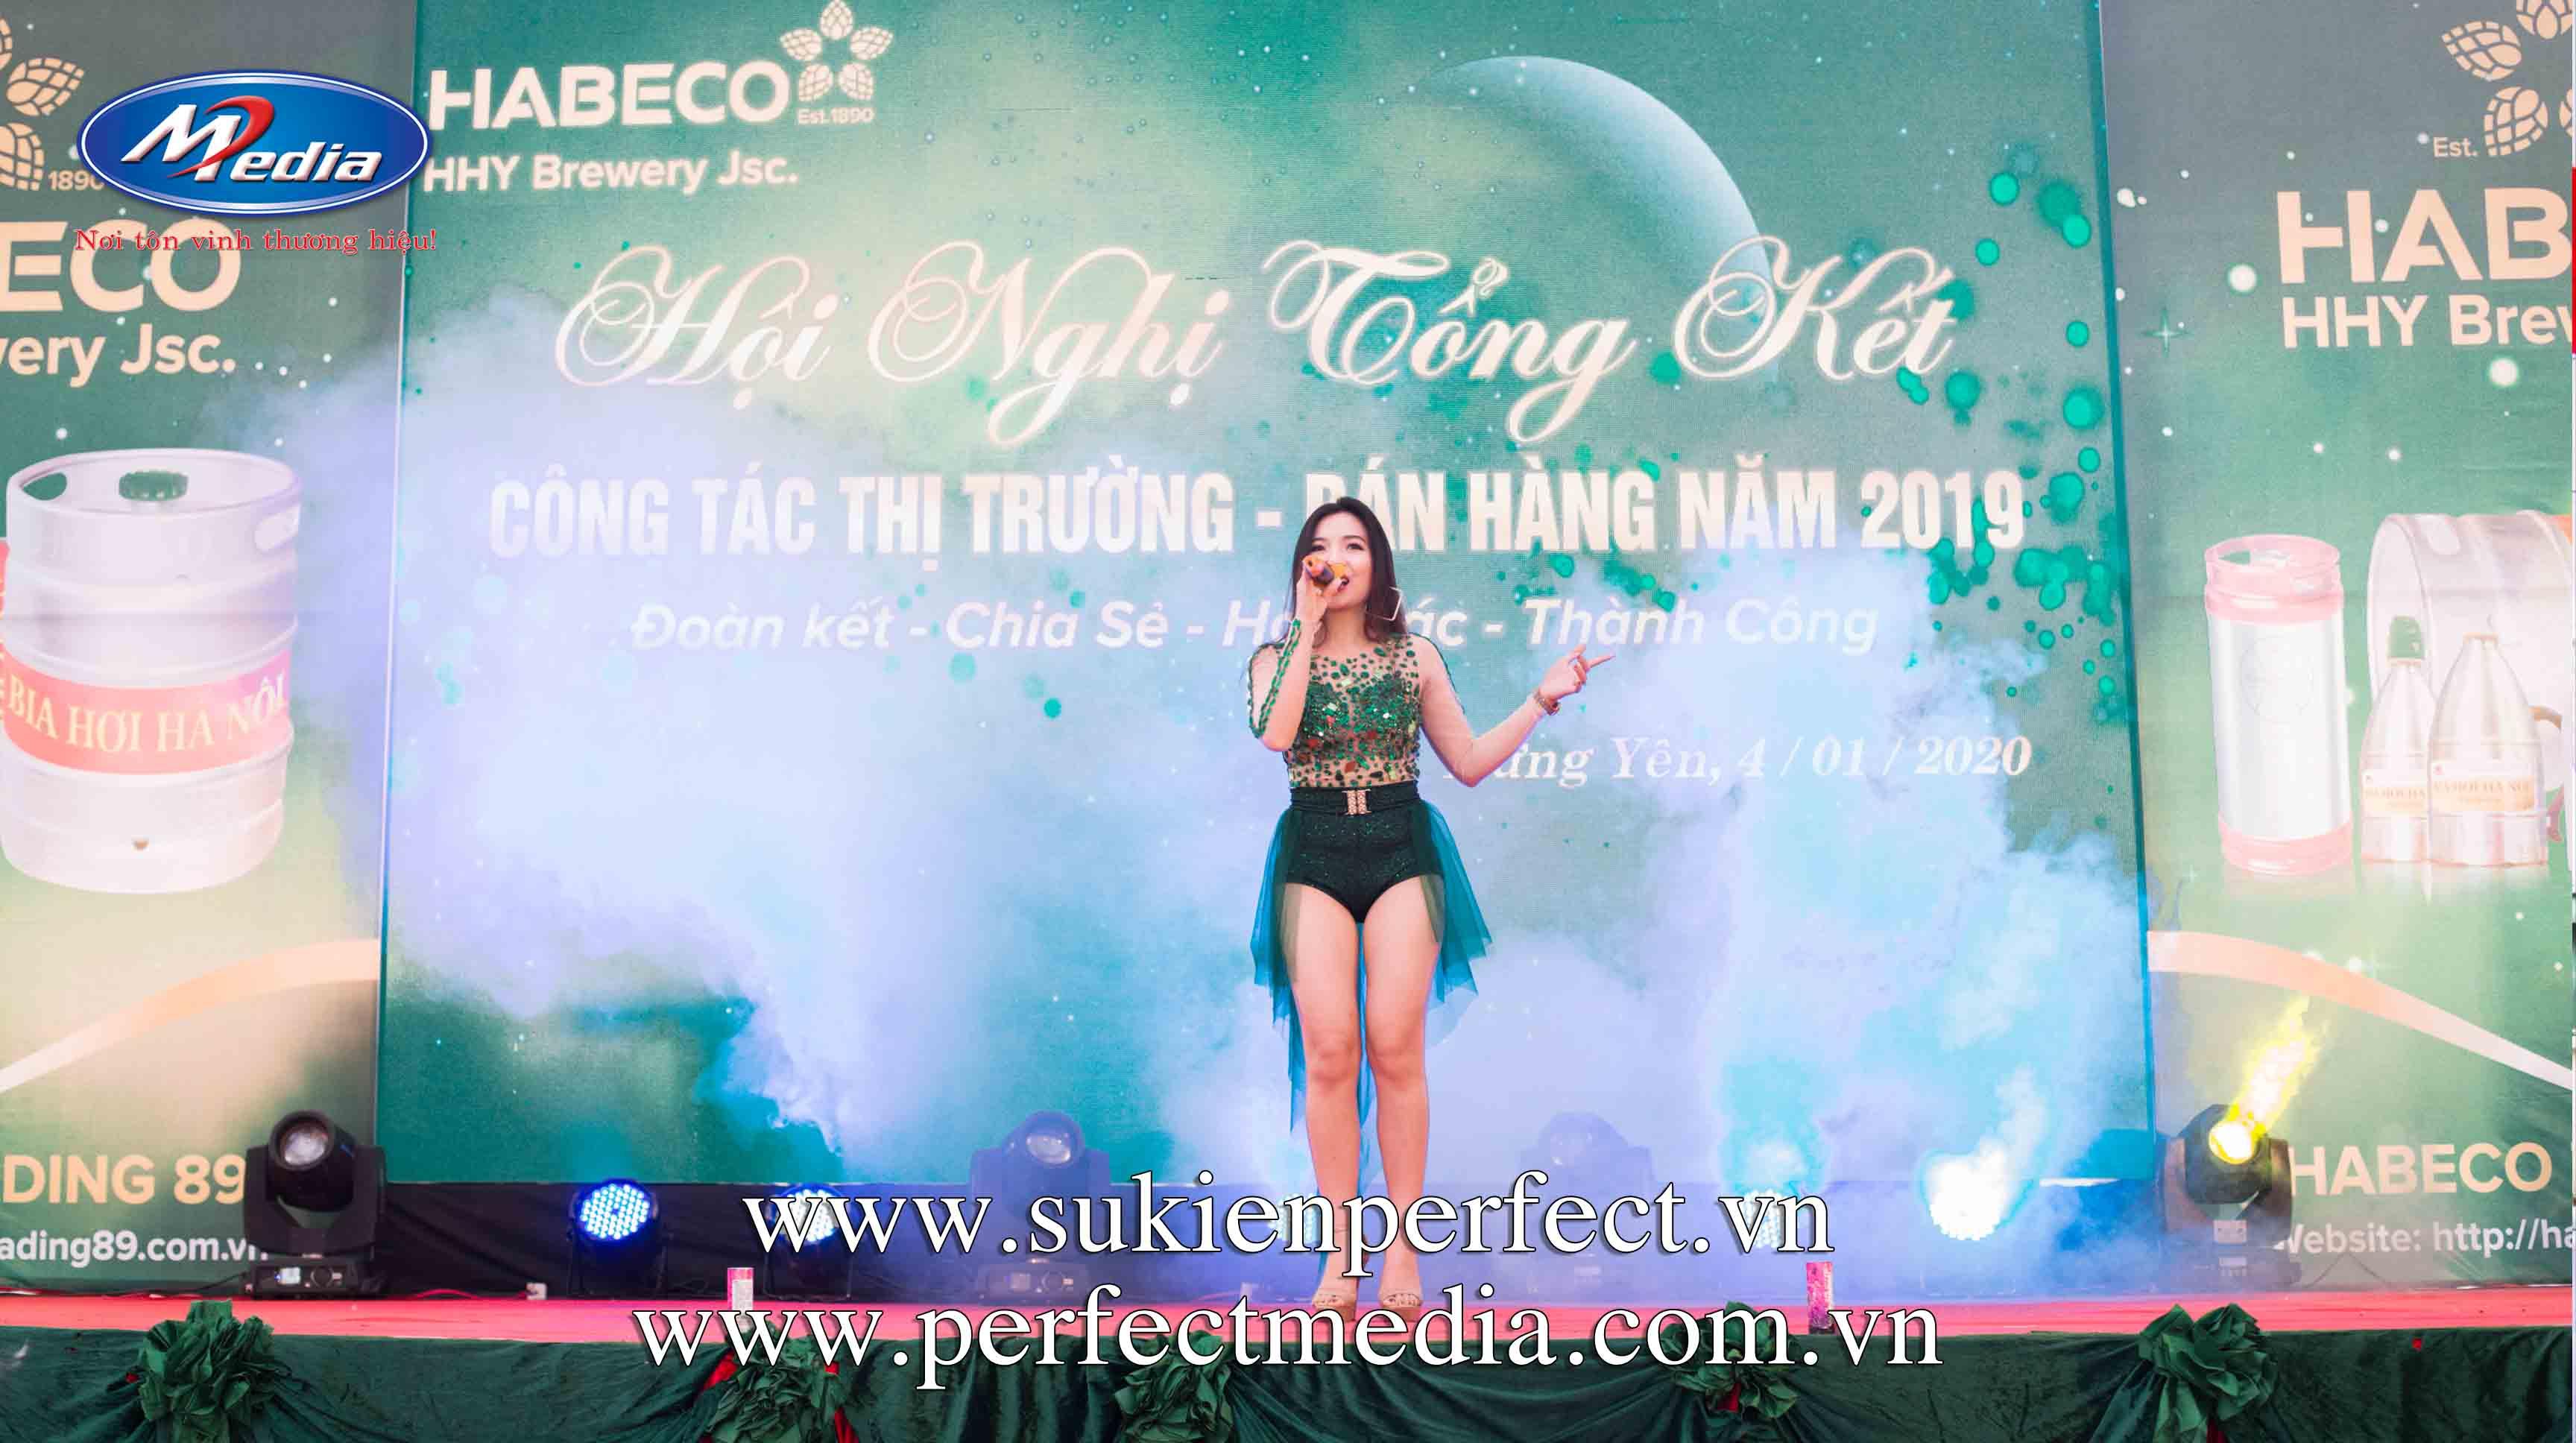 tổ chức hội nghị, tri ân khách hàng tại Hưng Yên 09